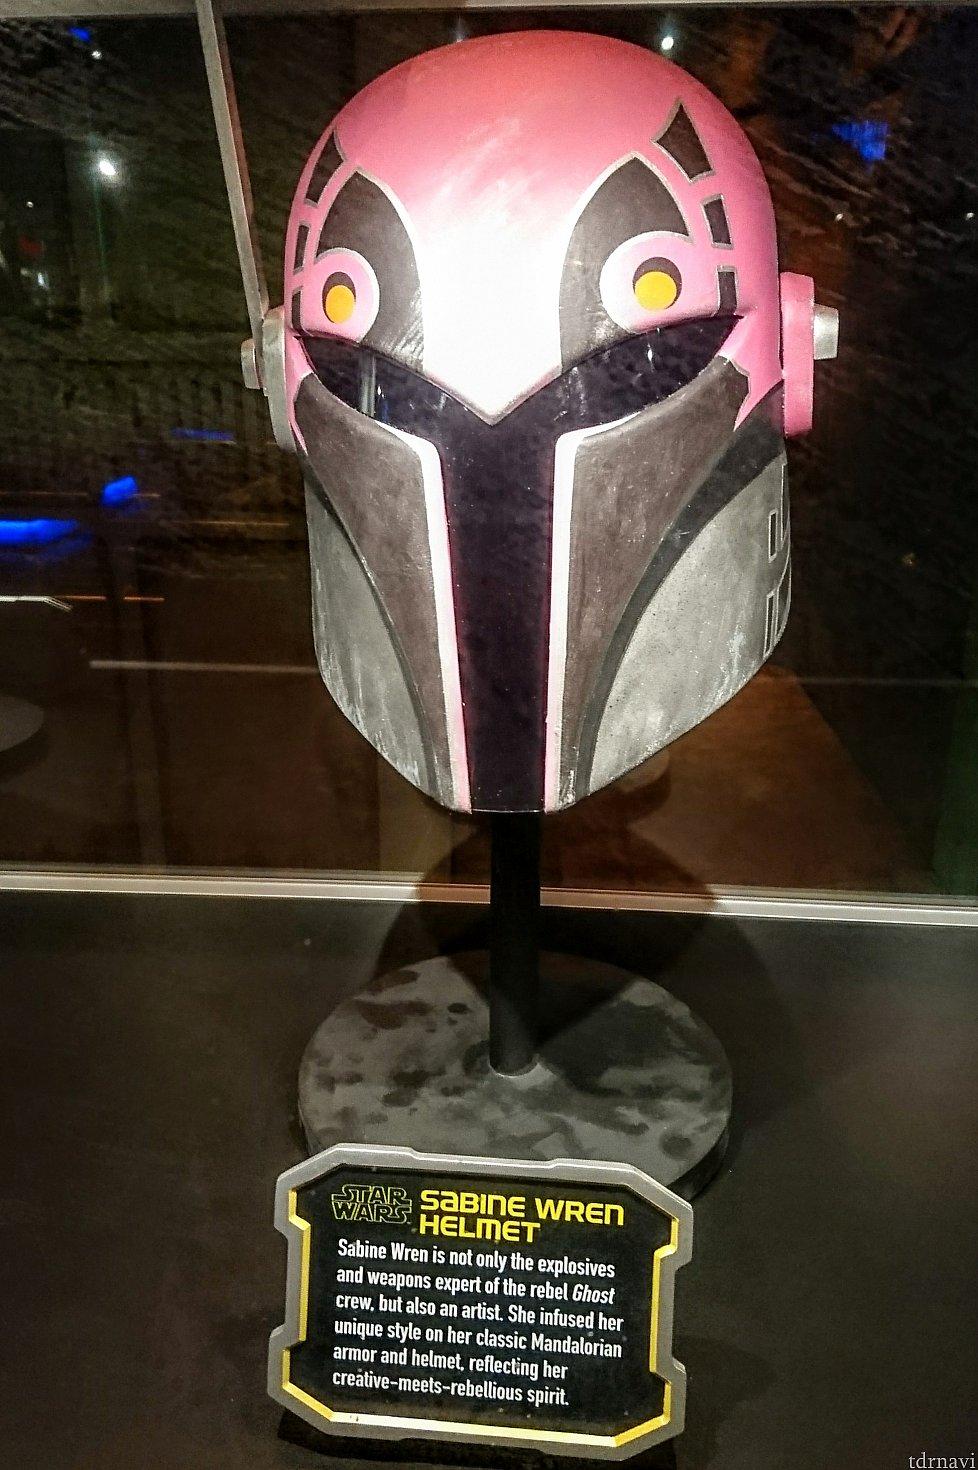 サビーヌ・レンのヘルメット。彼女はアニメのキャラクターなので、実物が見られて嬉しい♪